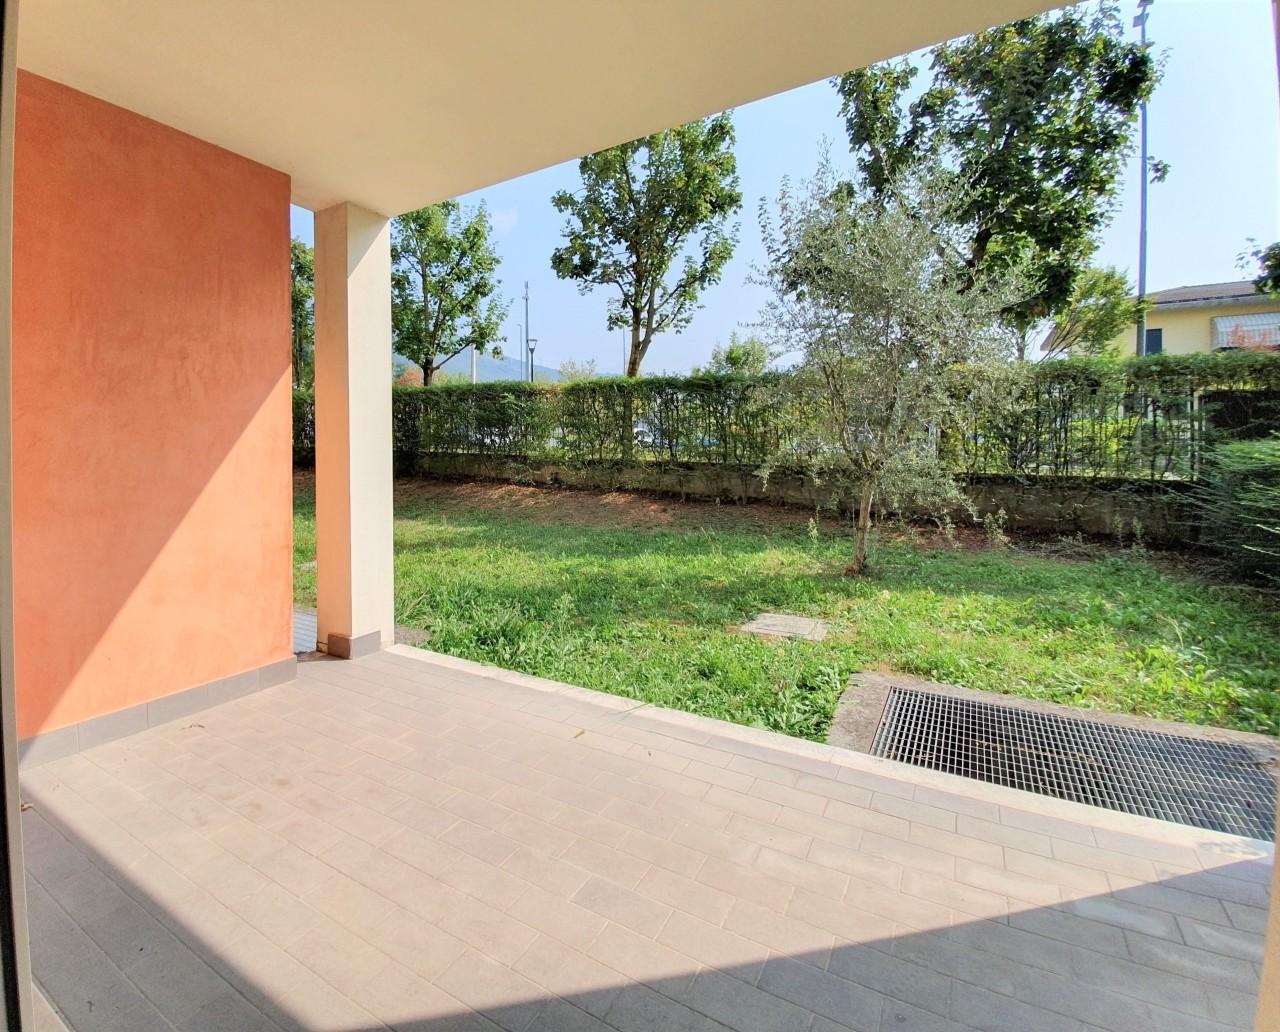 Appartamento in vendita a Bovezzo, 3 locali, prezzo € 220.000 | PortaleAgenzieImmobiliari.it